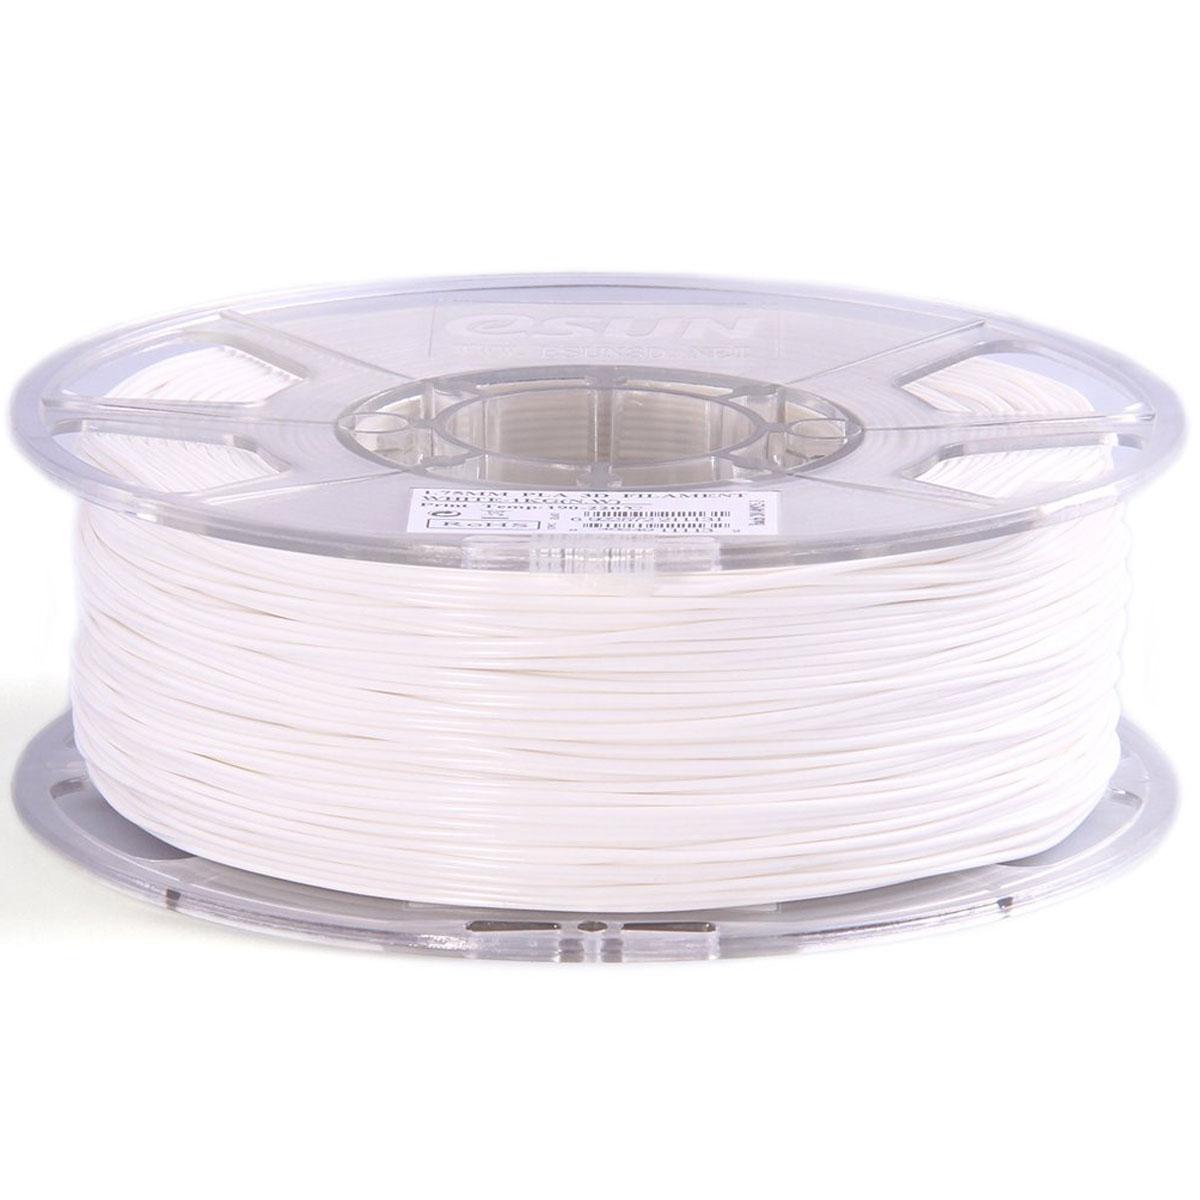 ESUN пластик PLA в катушке, White, 1,75 ммPLA175W1Пластик PLA от ESUN долговечный и очень прочный полимер, ударопрочный, эластичный и стойкий к моющим средствам и щелочам. Один из лучших материалов для печати на 3D принтере. Пластик не имеет запаха и не является токсичным. Температура плавления190-220°C. PLA пластик для 3D-принтера применяется в деталях автомобилей, канцелярских изделиях, корпусах бытовой техники, мебели, сантехники, а также в производстве игрушек, сувениров, спортивного инвентаря, деталей оружия, медицинского оборудования и прочего.Диаметр нити: 1.75 мм